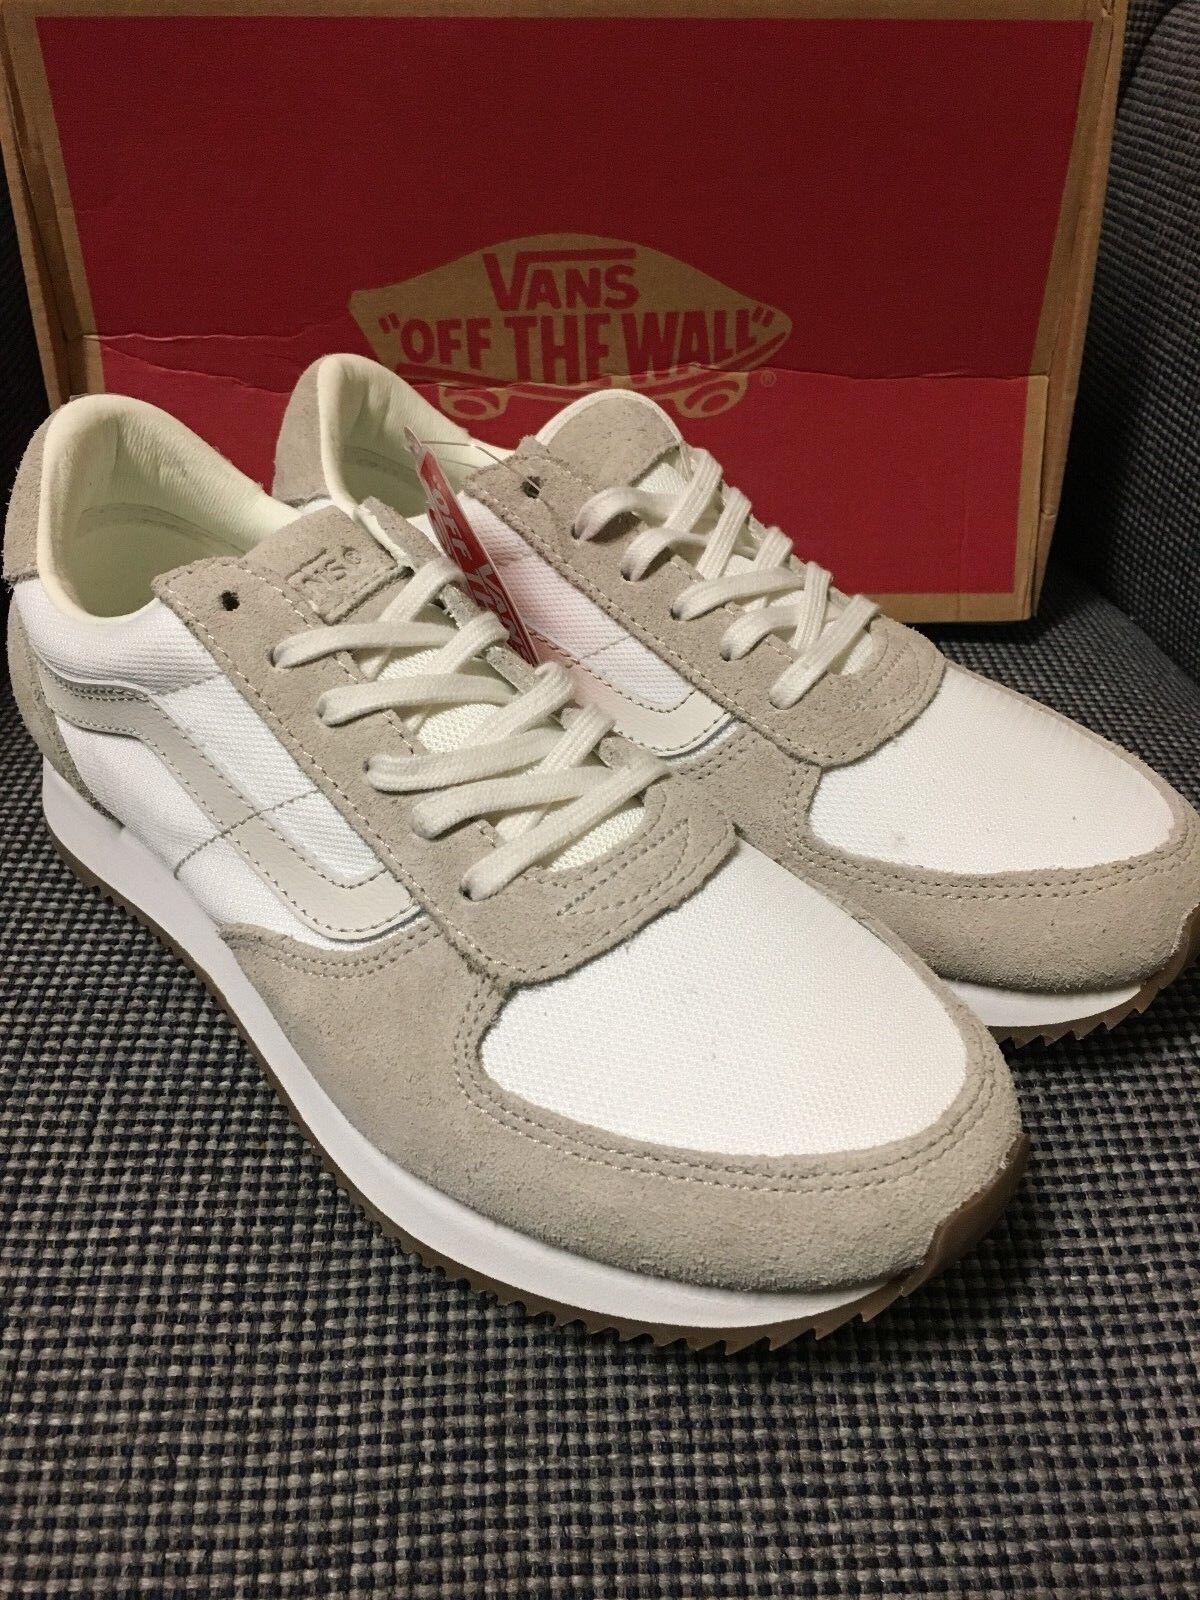 VANS Runner white de white Cream White Men's shoes size 7.5, Women 9